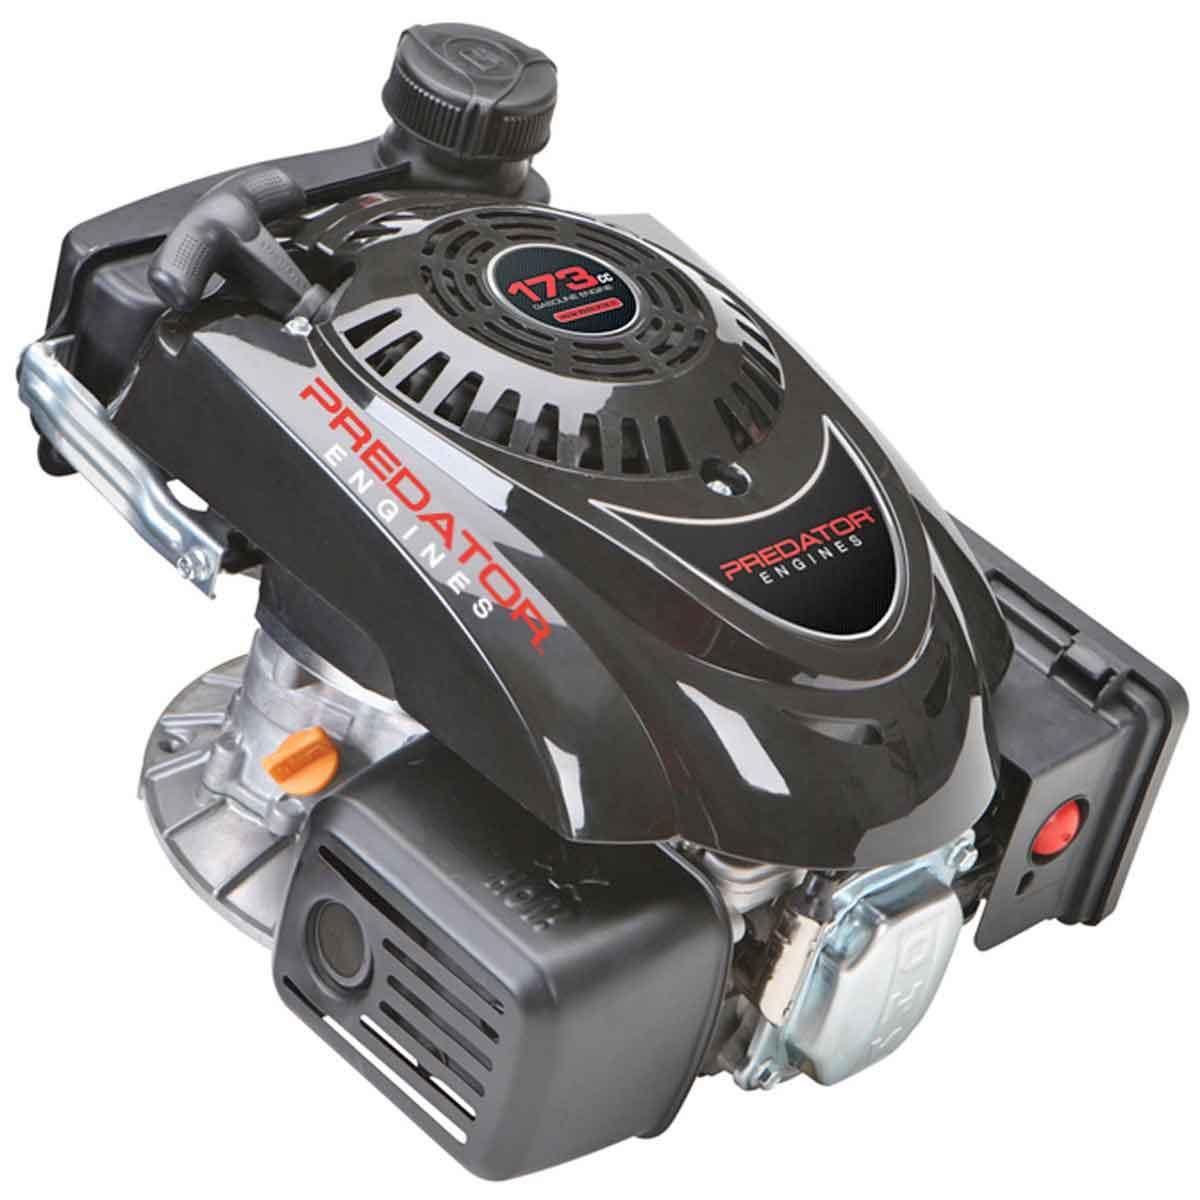 Predator Go Kart Engine Upgrades: Predator Engine 173cc (5.5 HP)